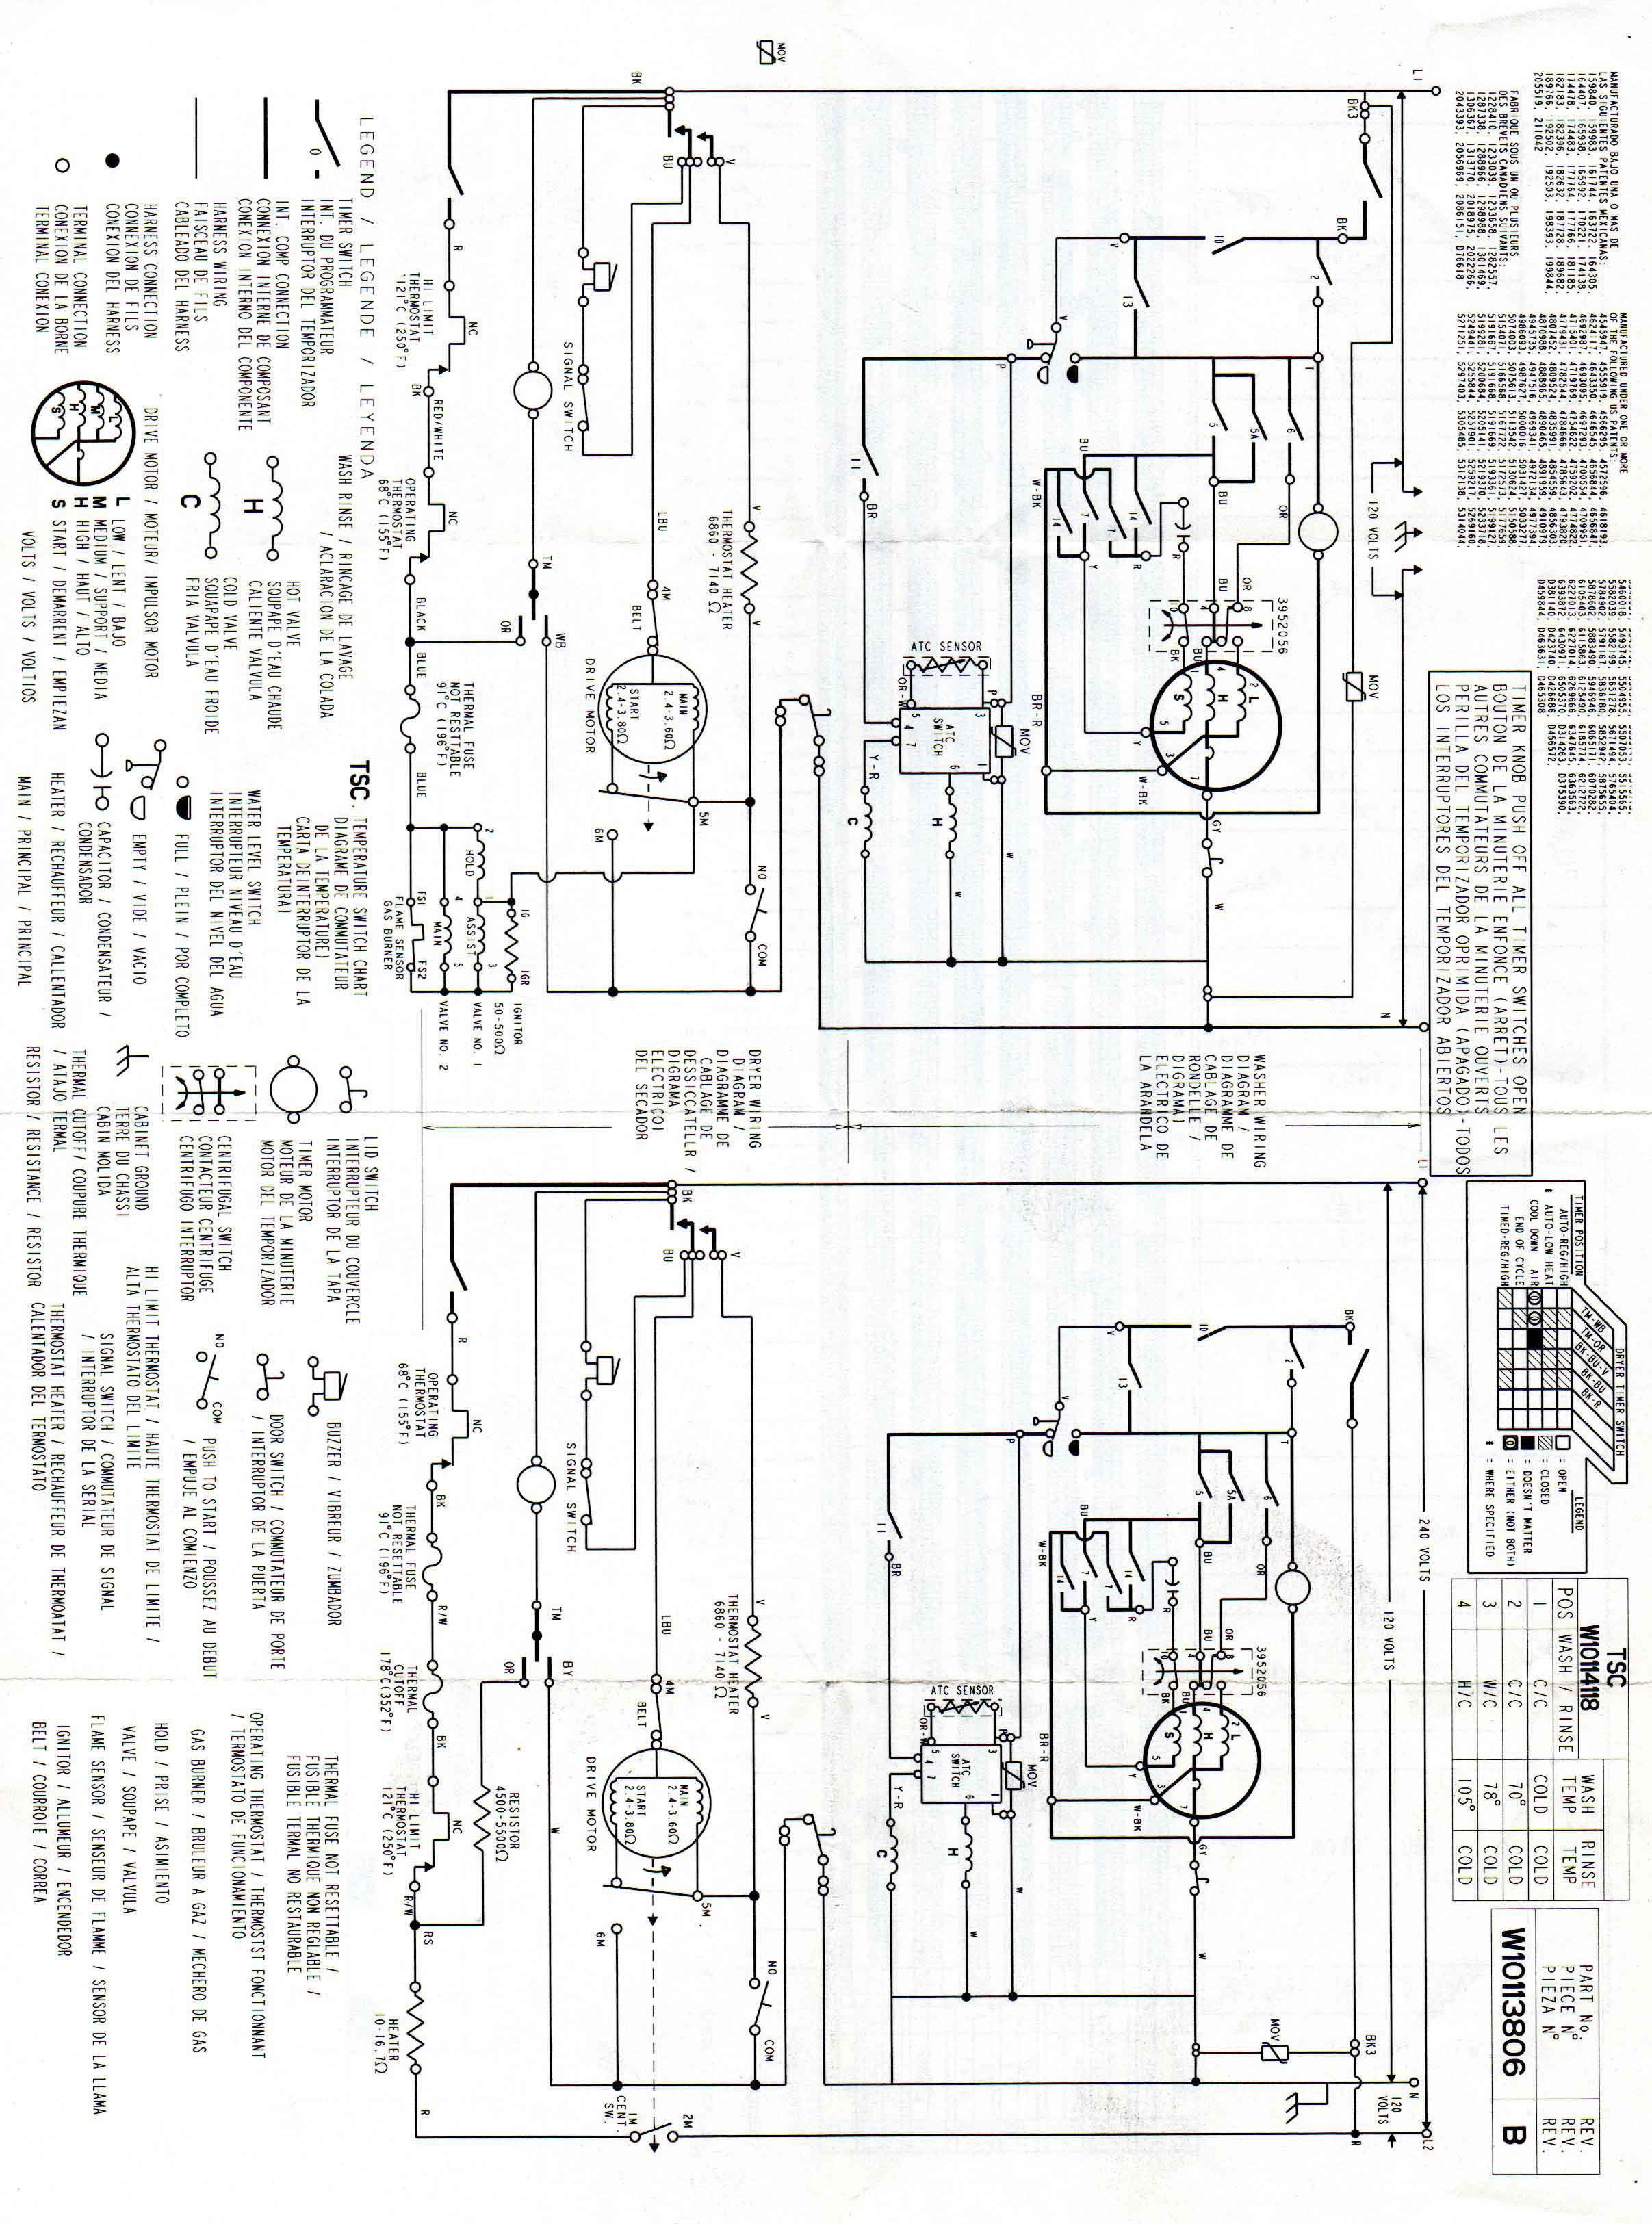 solucionado  como conectar una secadora con 110v que